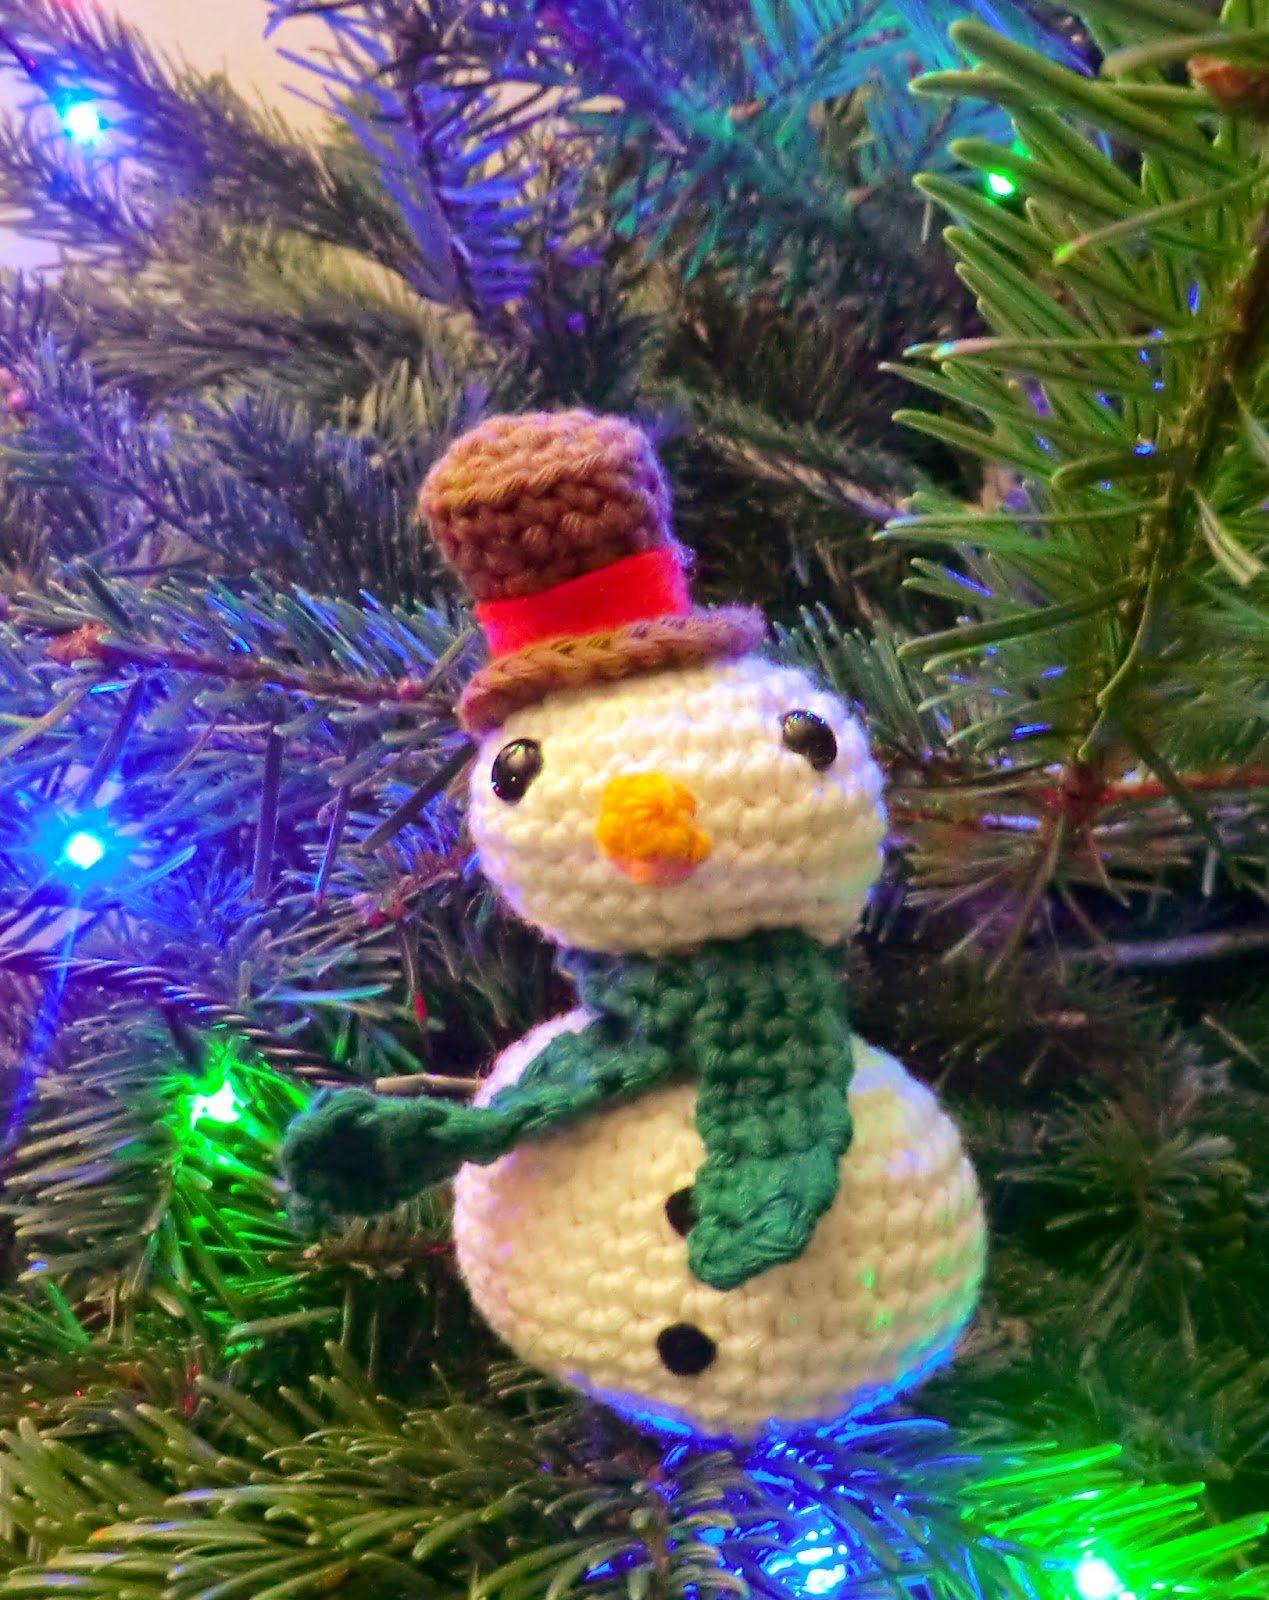 Chubby Snowman ~ Amigurumy Barmy